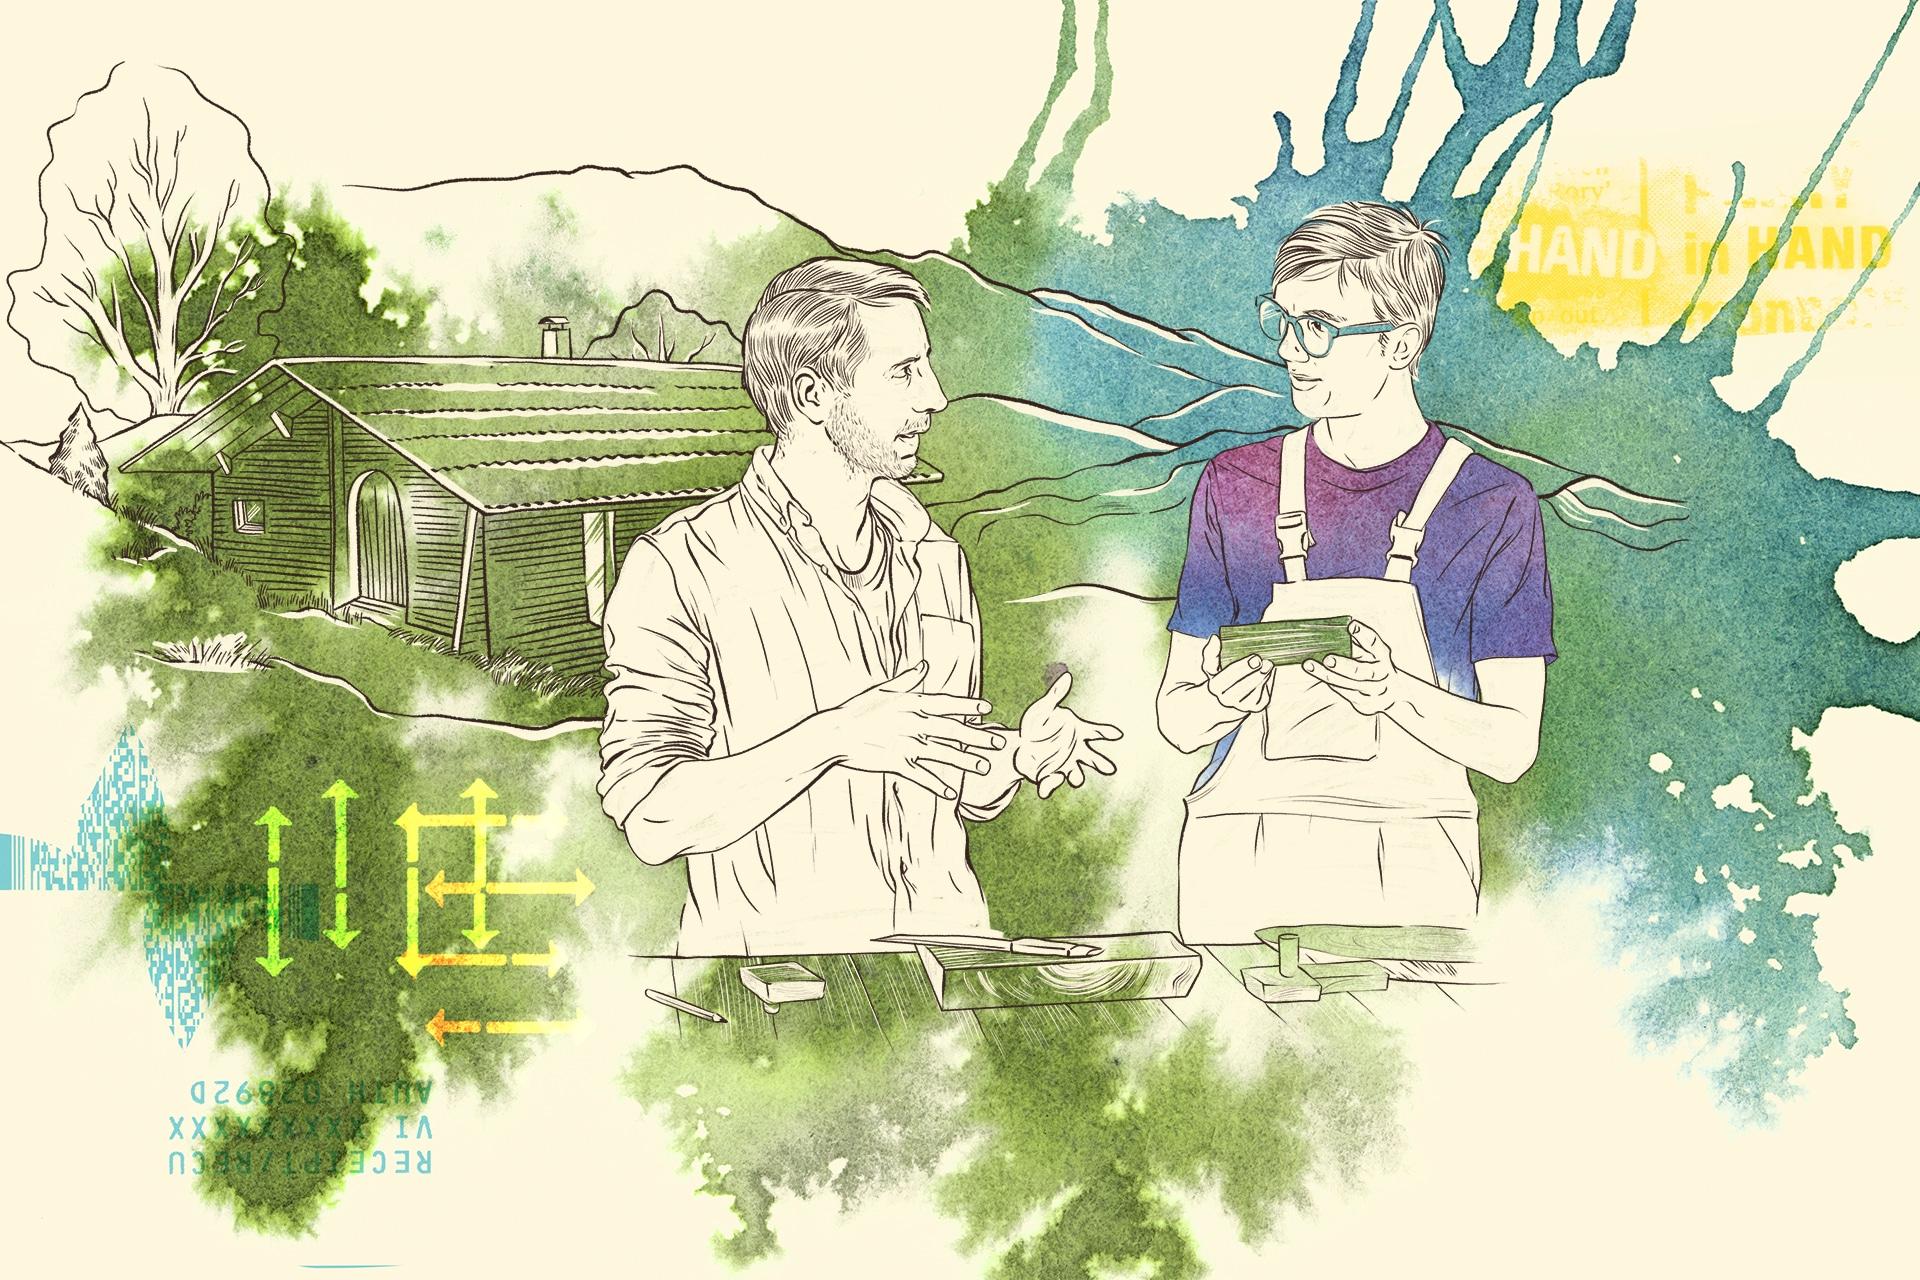 Illustration: Projektstelle auf Bauernhof